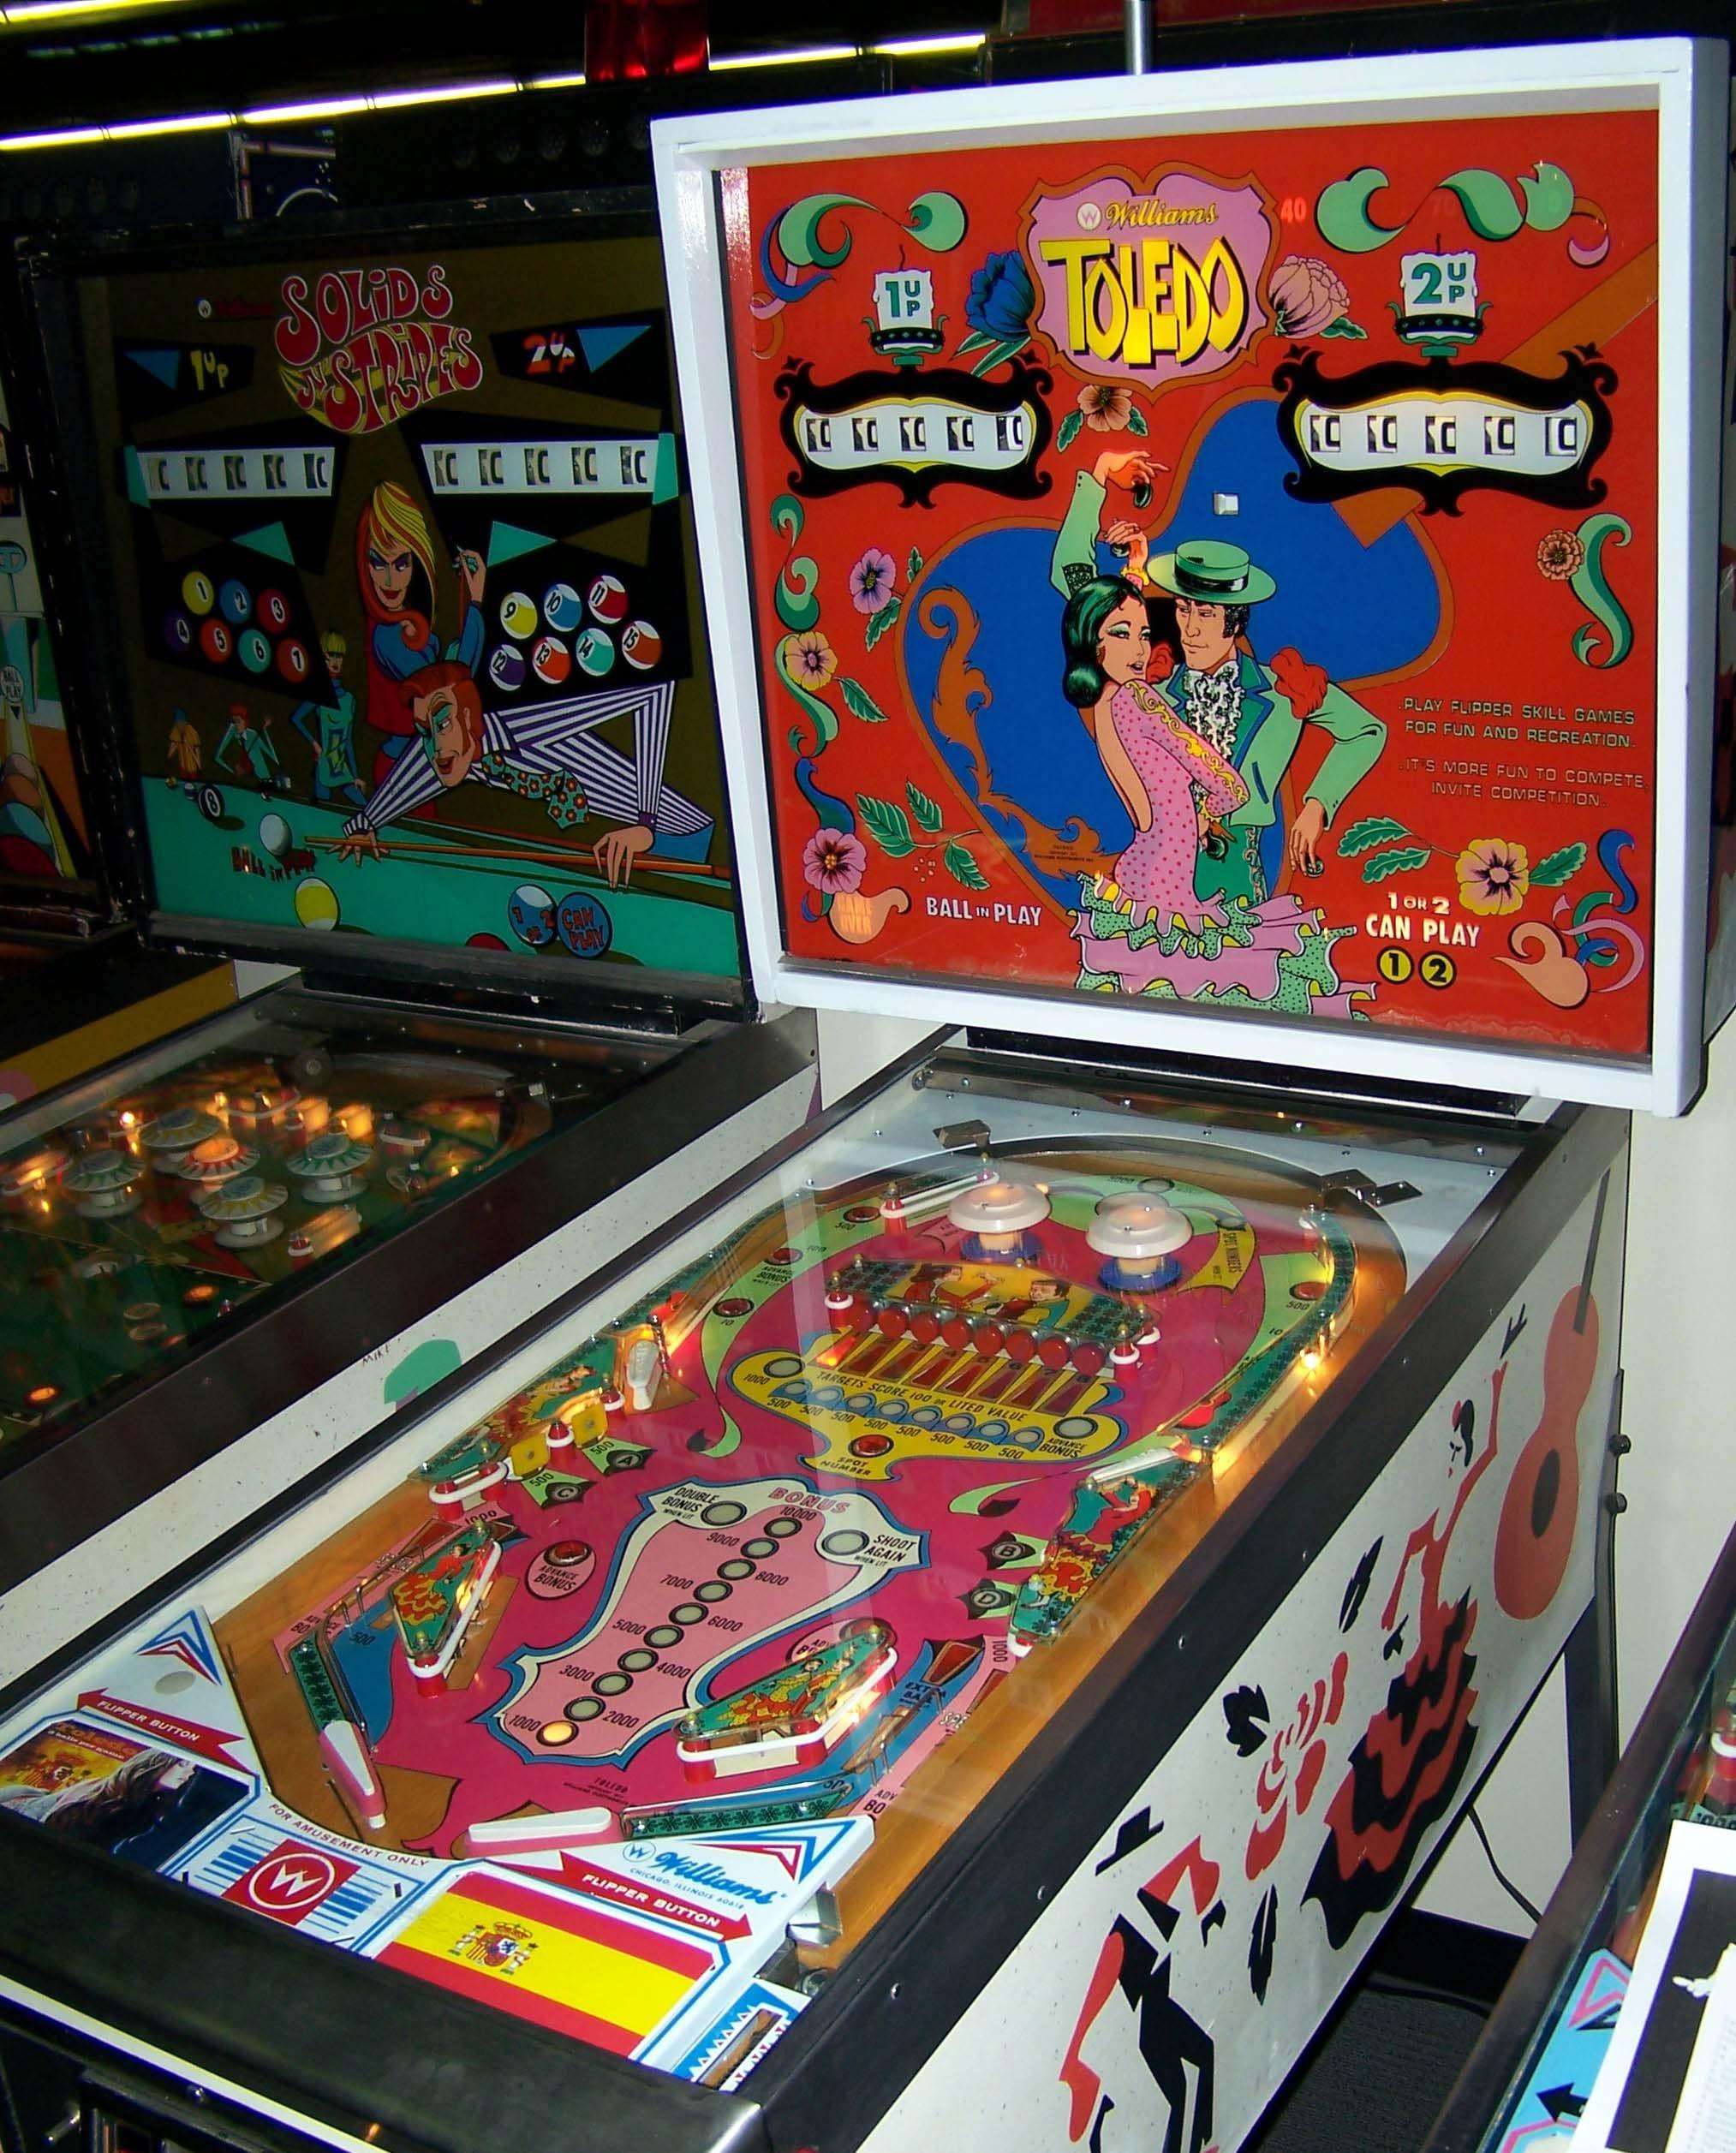 1975 Toledo Williams Pinball Machine Arcade Game Room Pinball